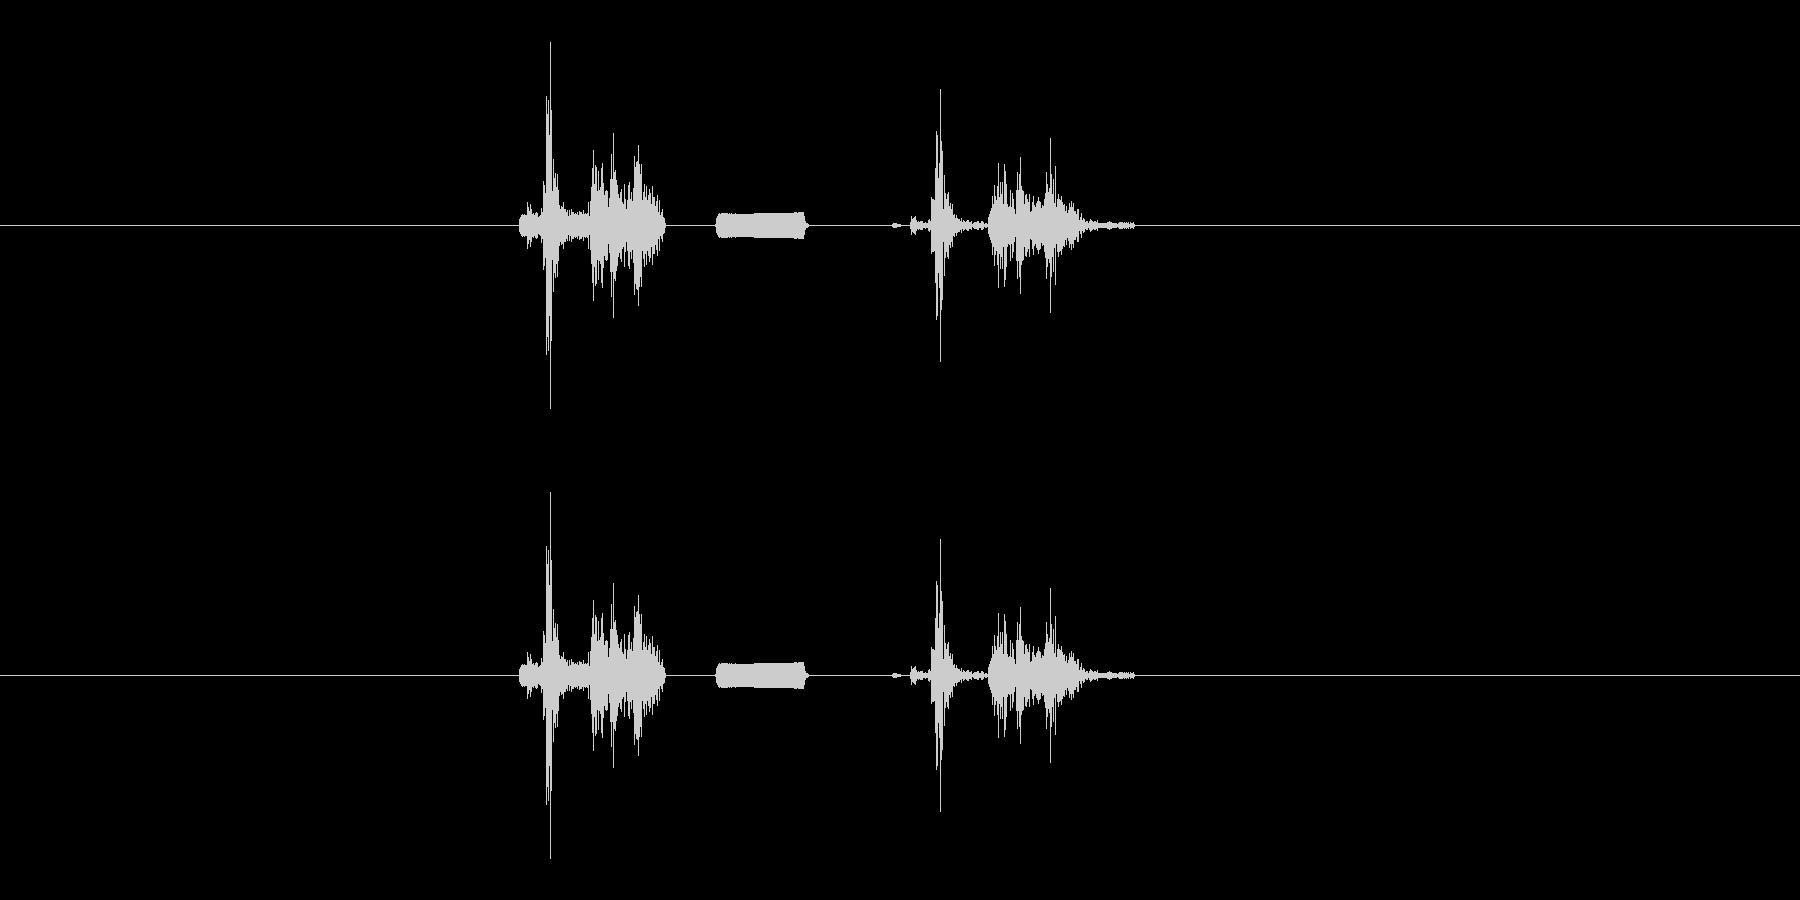 デジカメ風シャッター音_01の未再生の波形